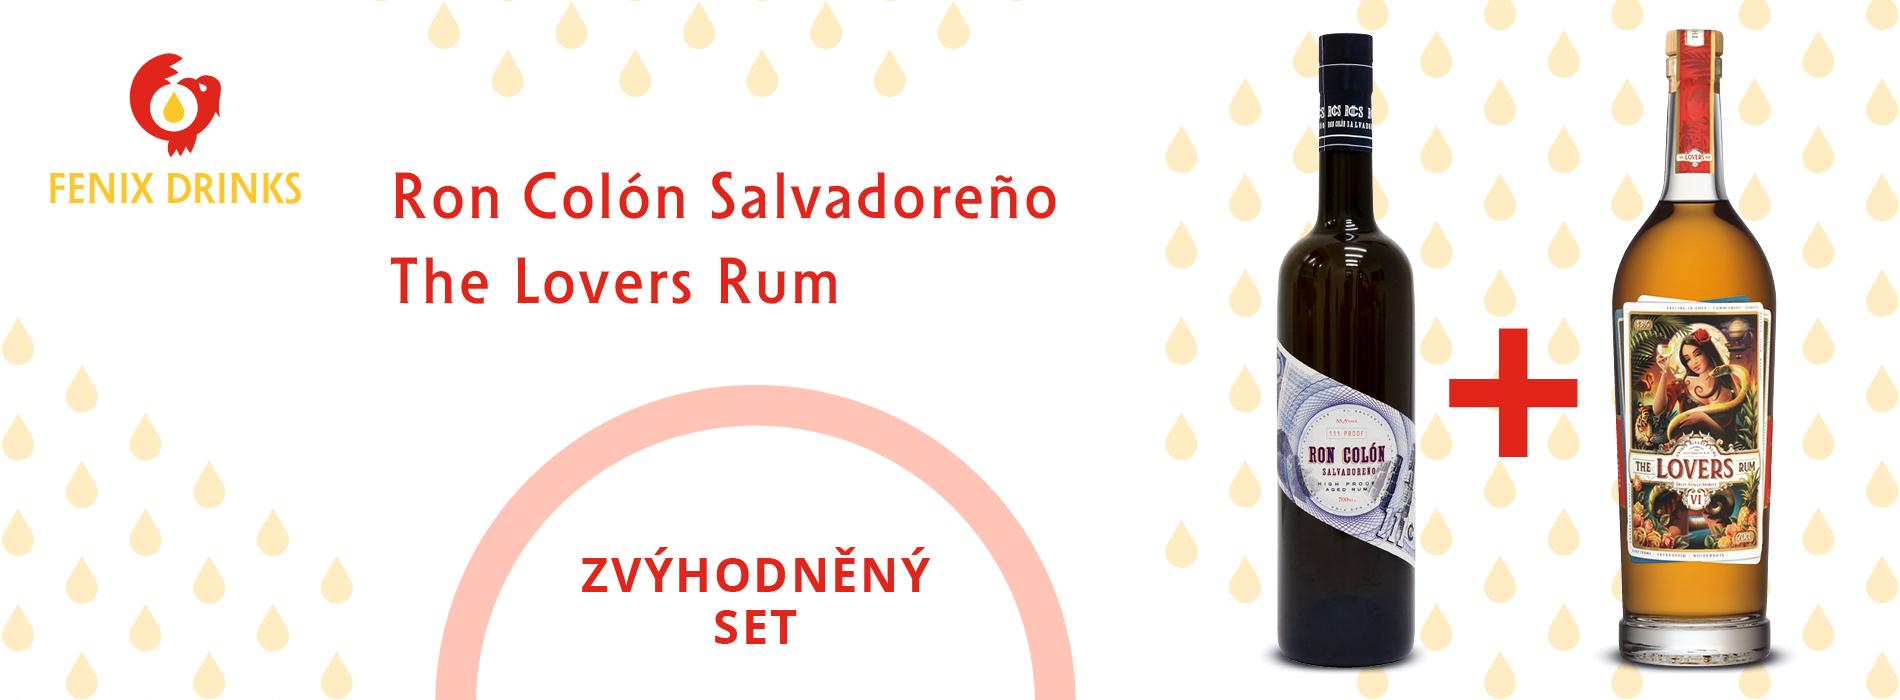 Akční set The Lovers Rum a Dark Aged Ron Colón Salvadoreño.